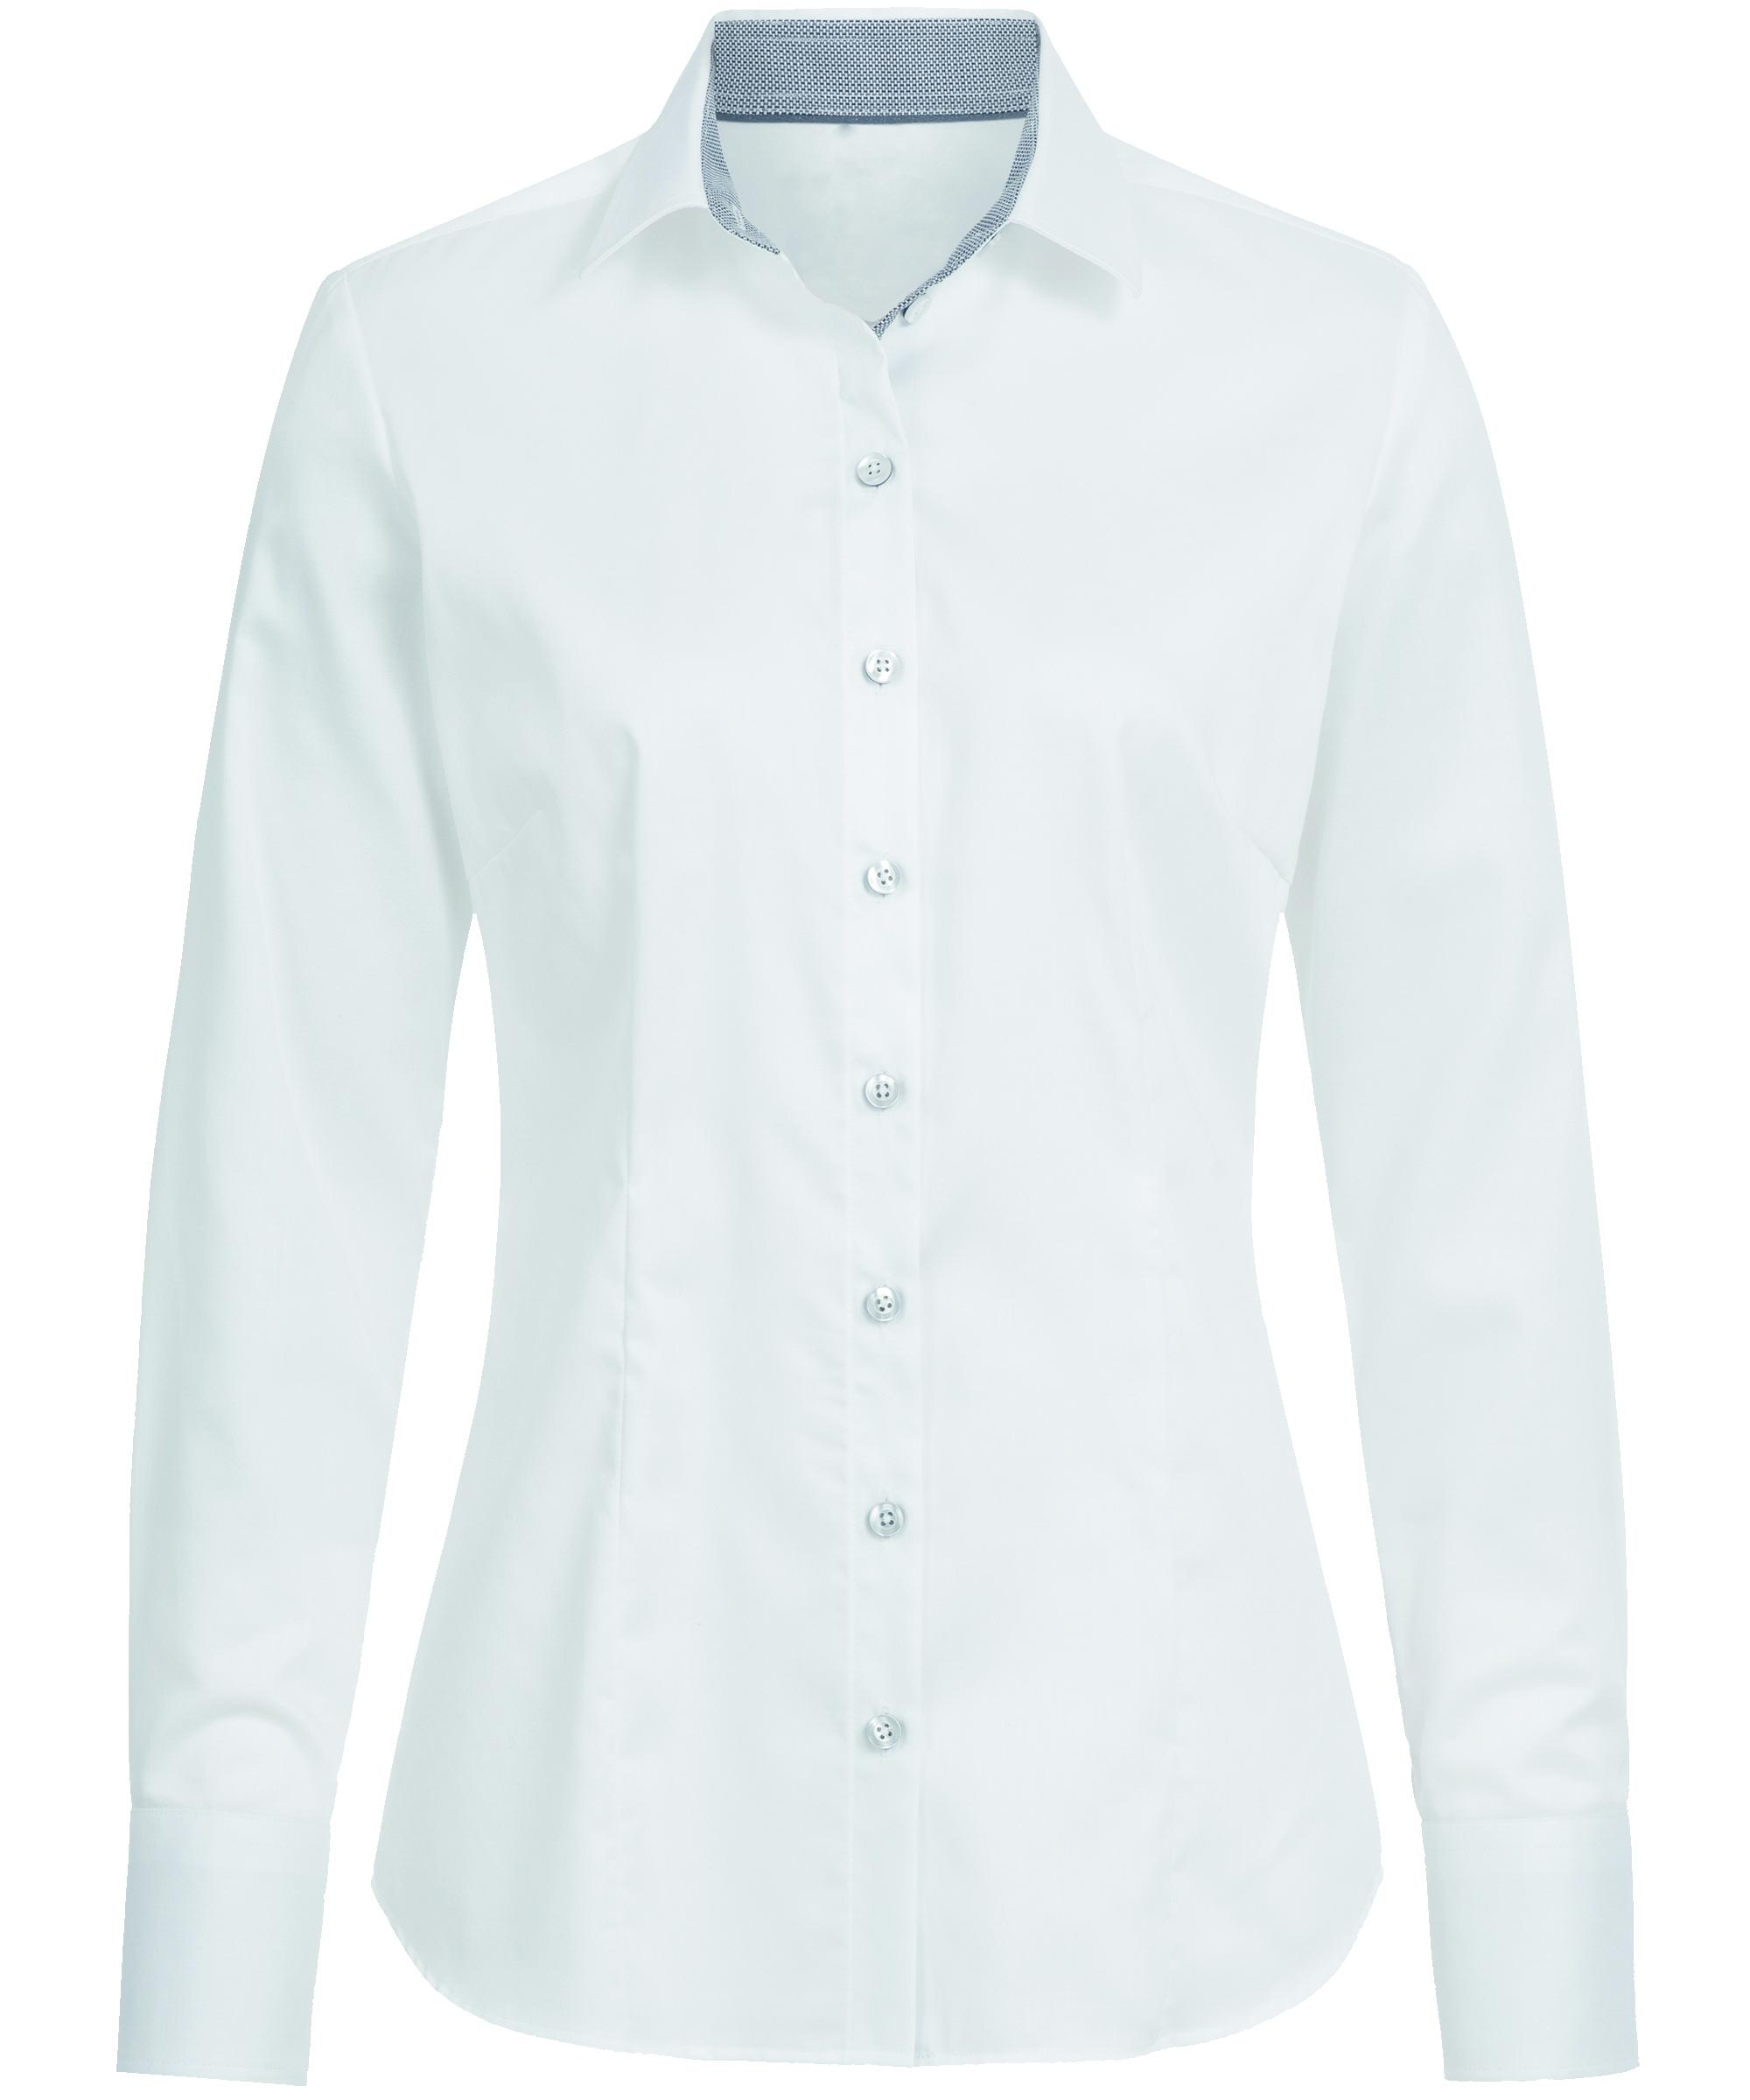 Damen - Bluse Regular Fit